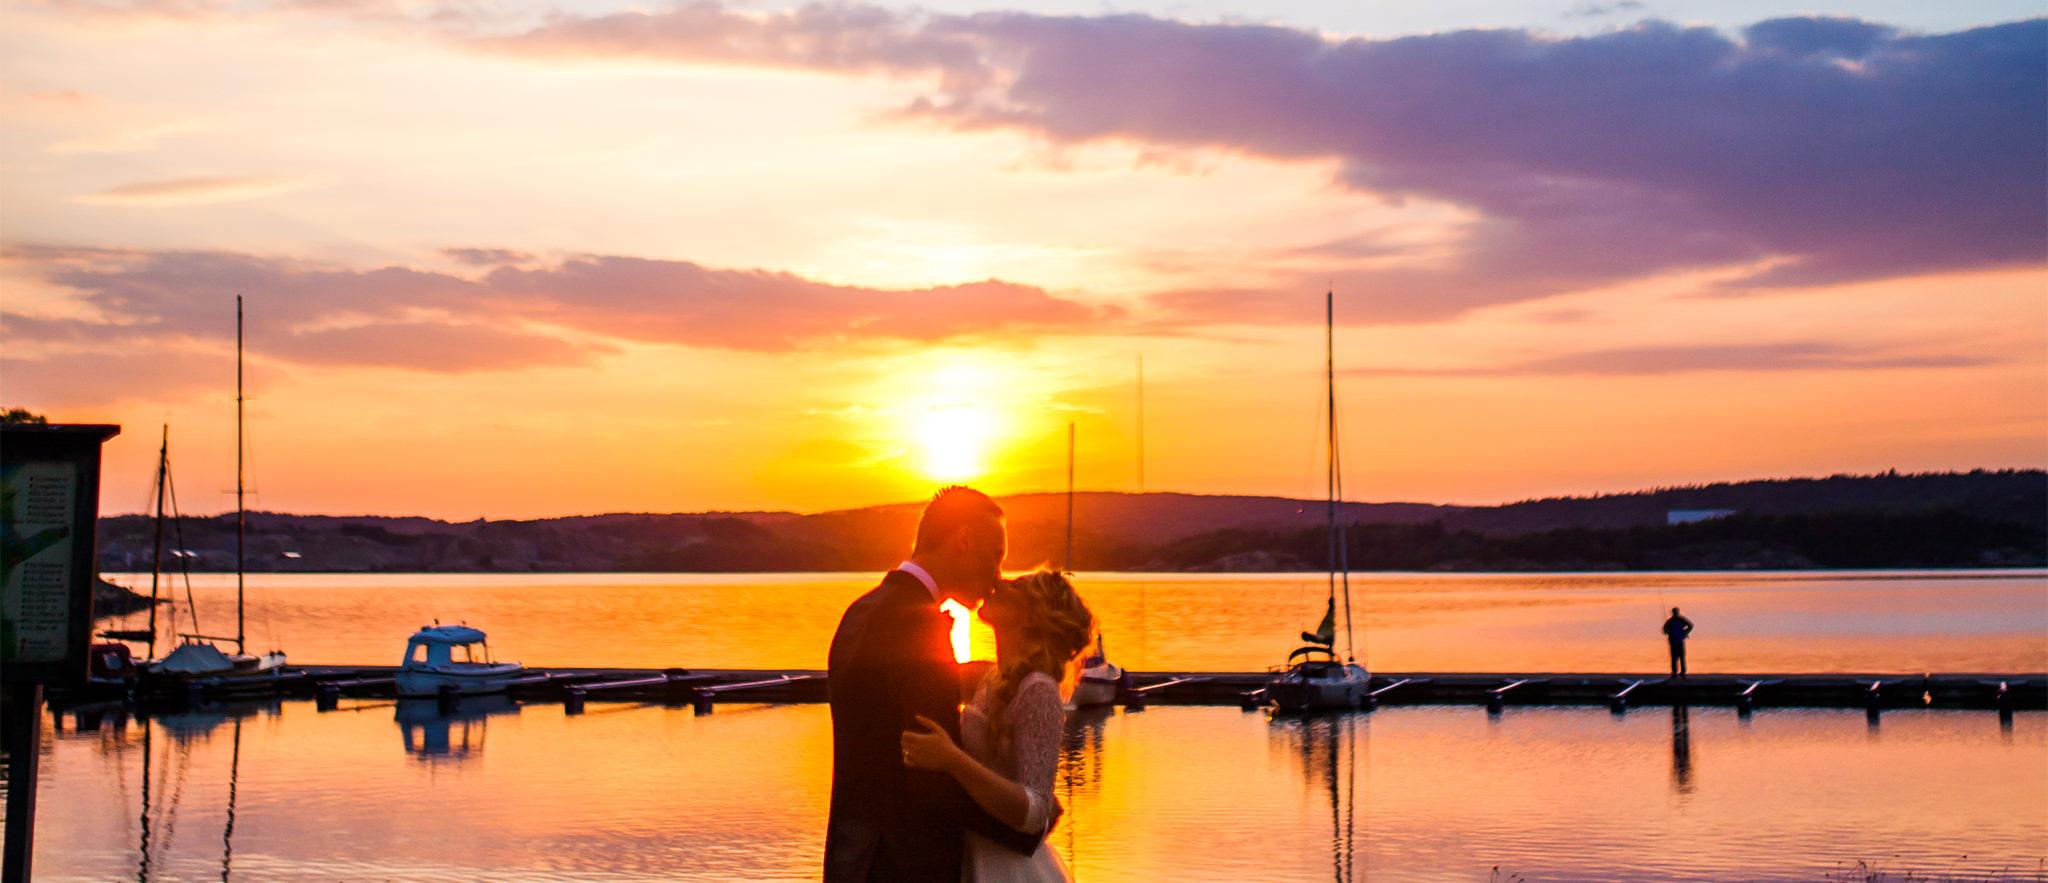 Bröllopsfotografering i solnedgång